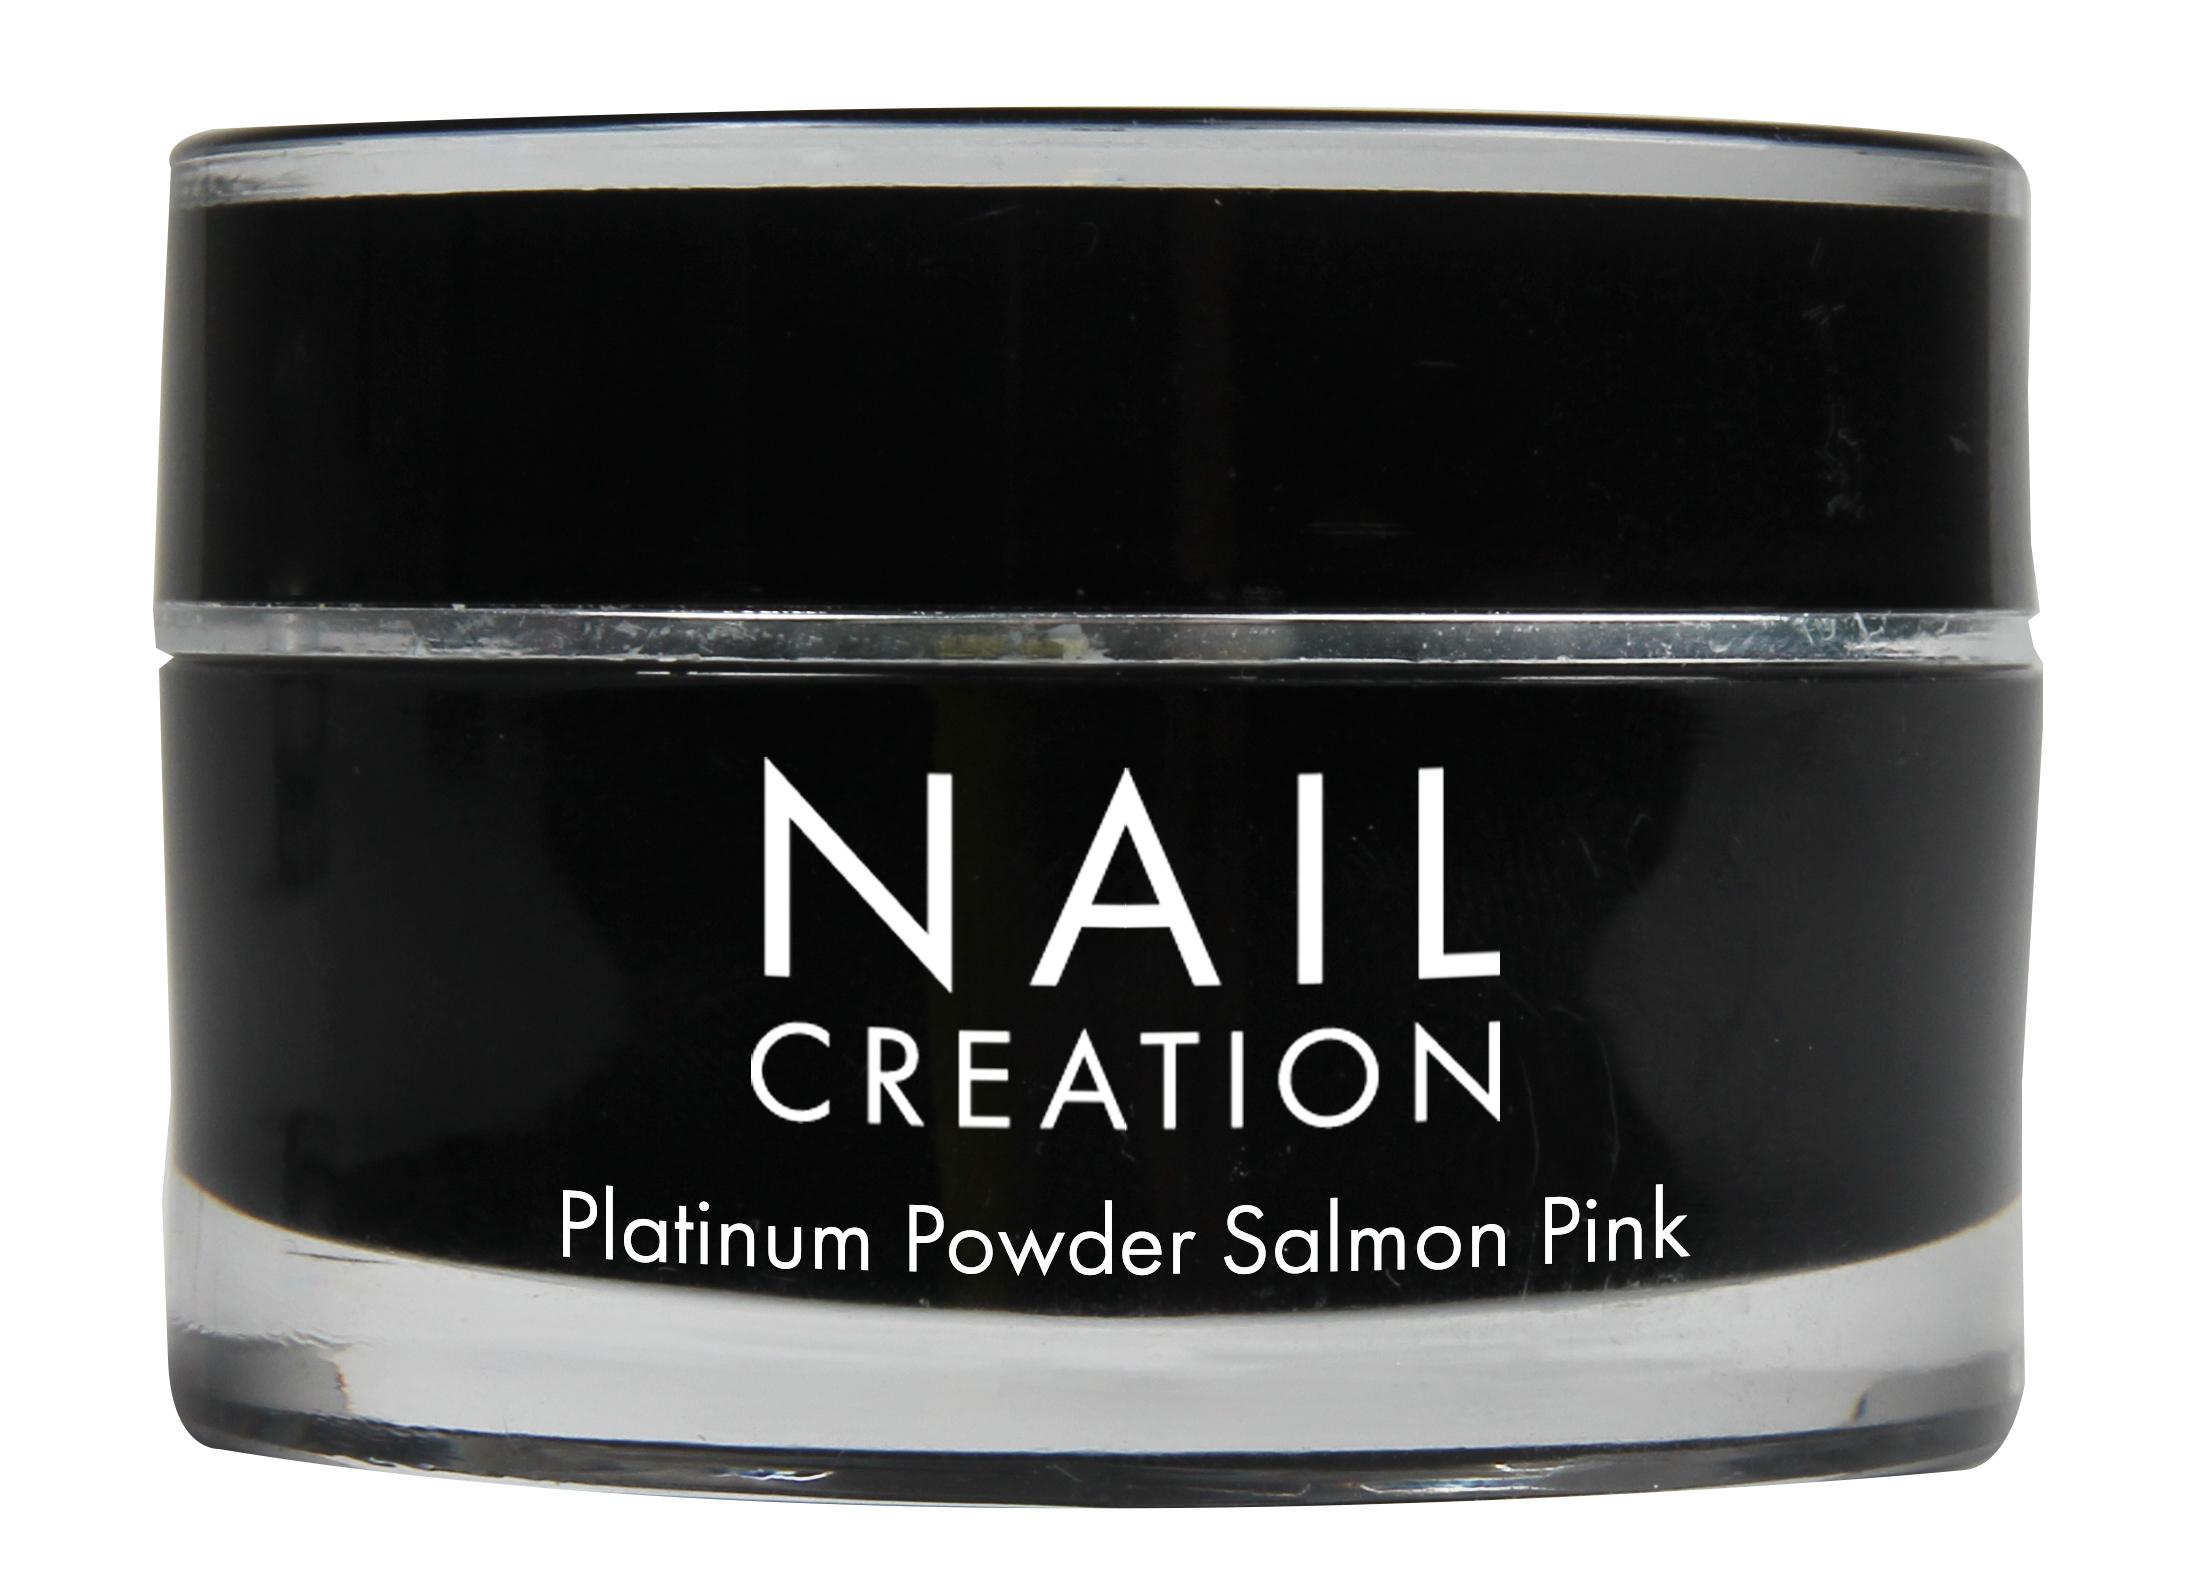 Afbeelding van Nail Creation Platinum Powder - Salmon Pink 20 gm